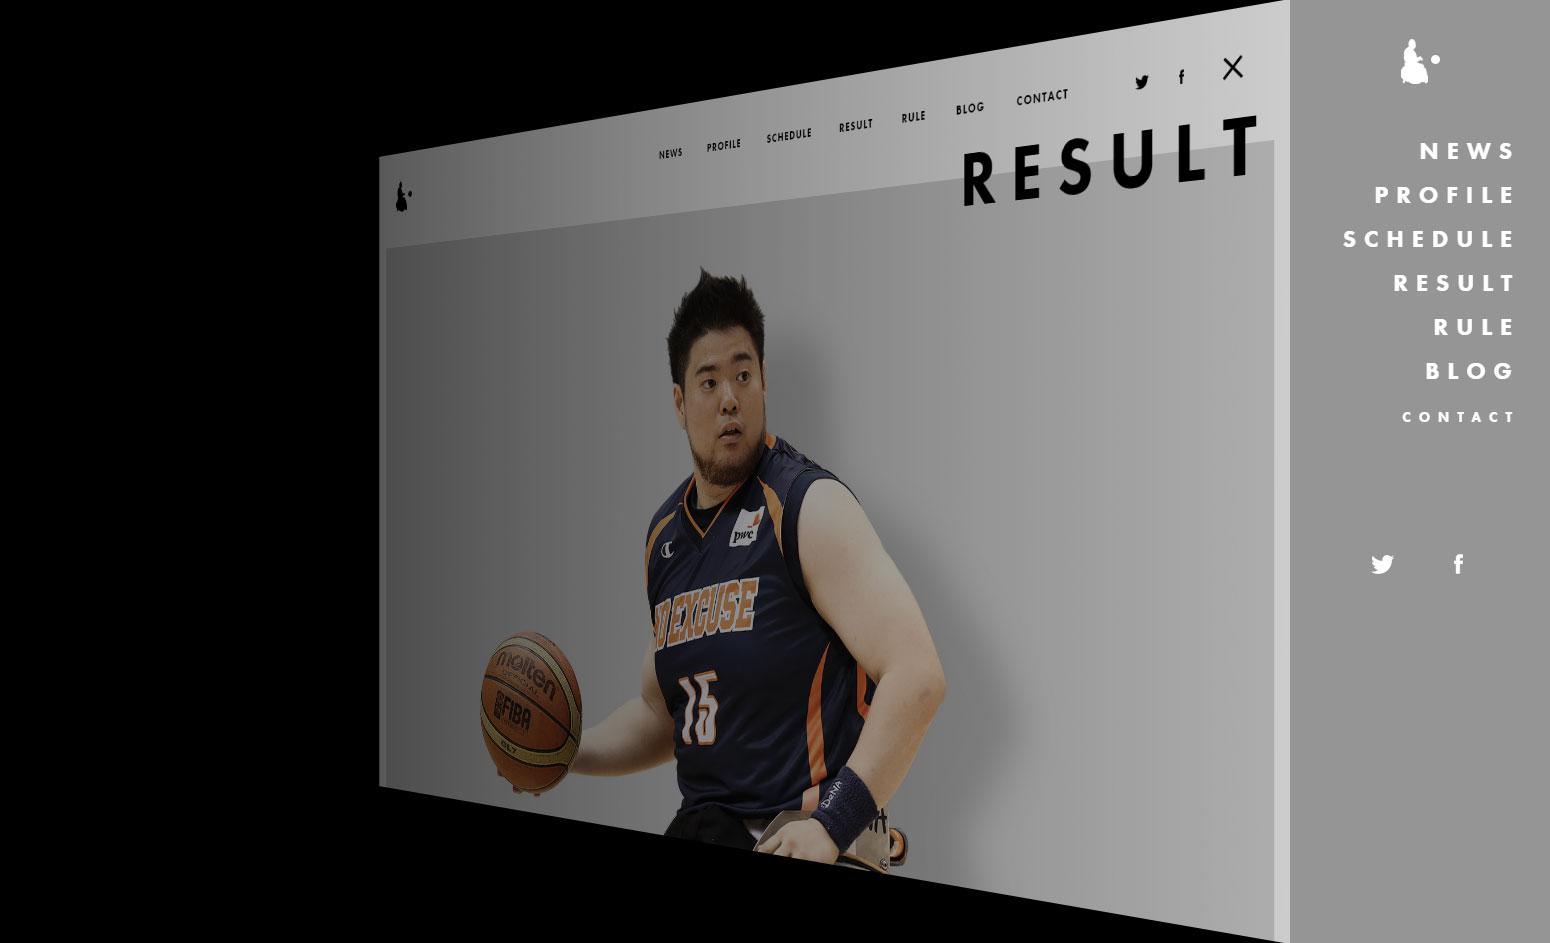 Hiroaki Kozai - Website of the Day